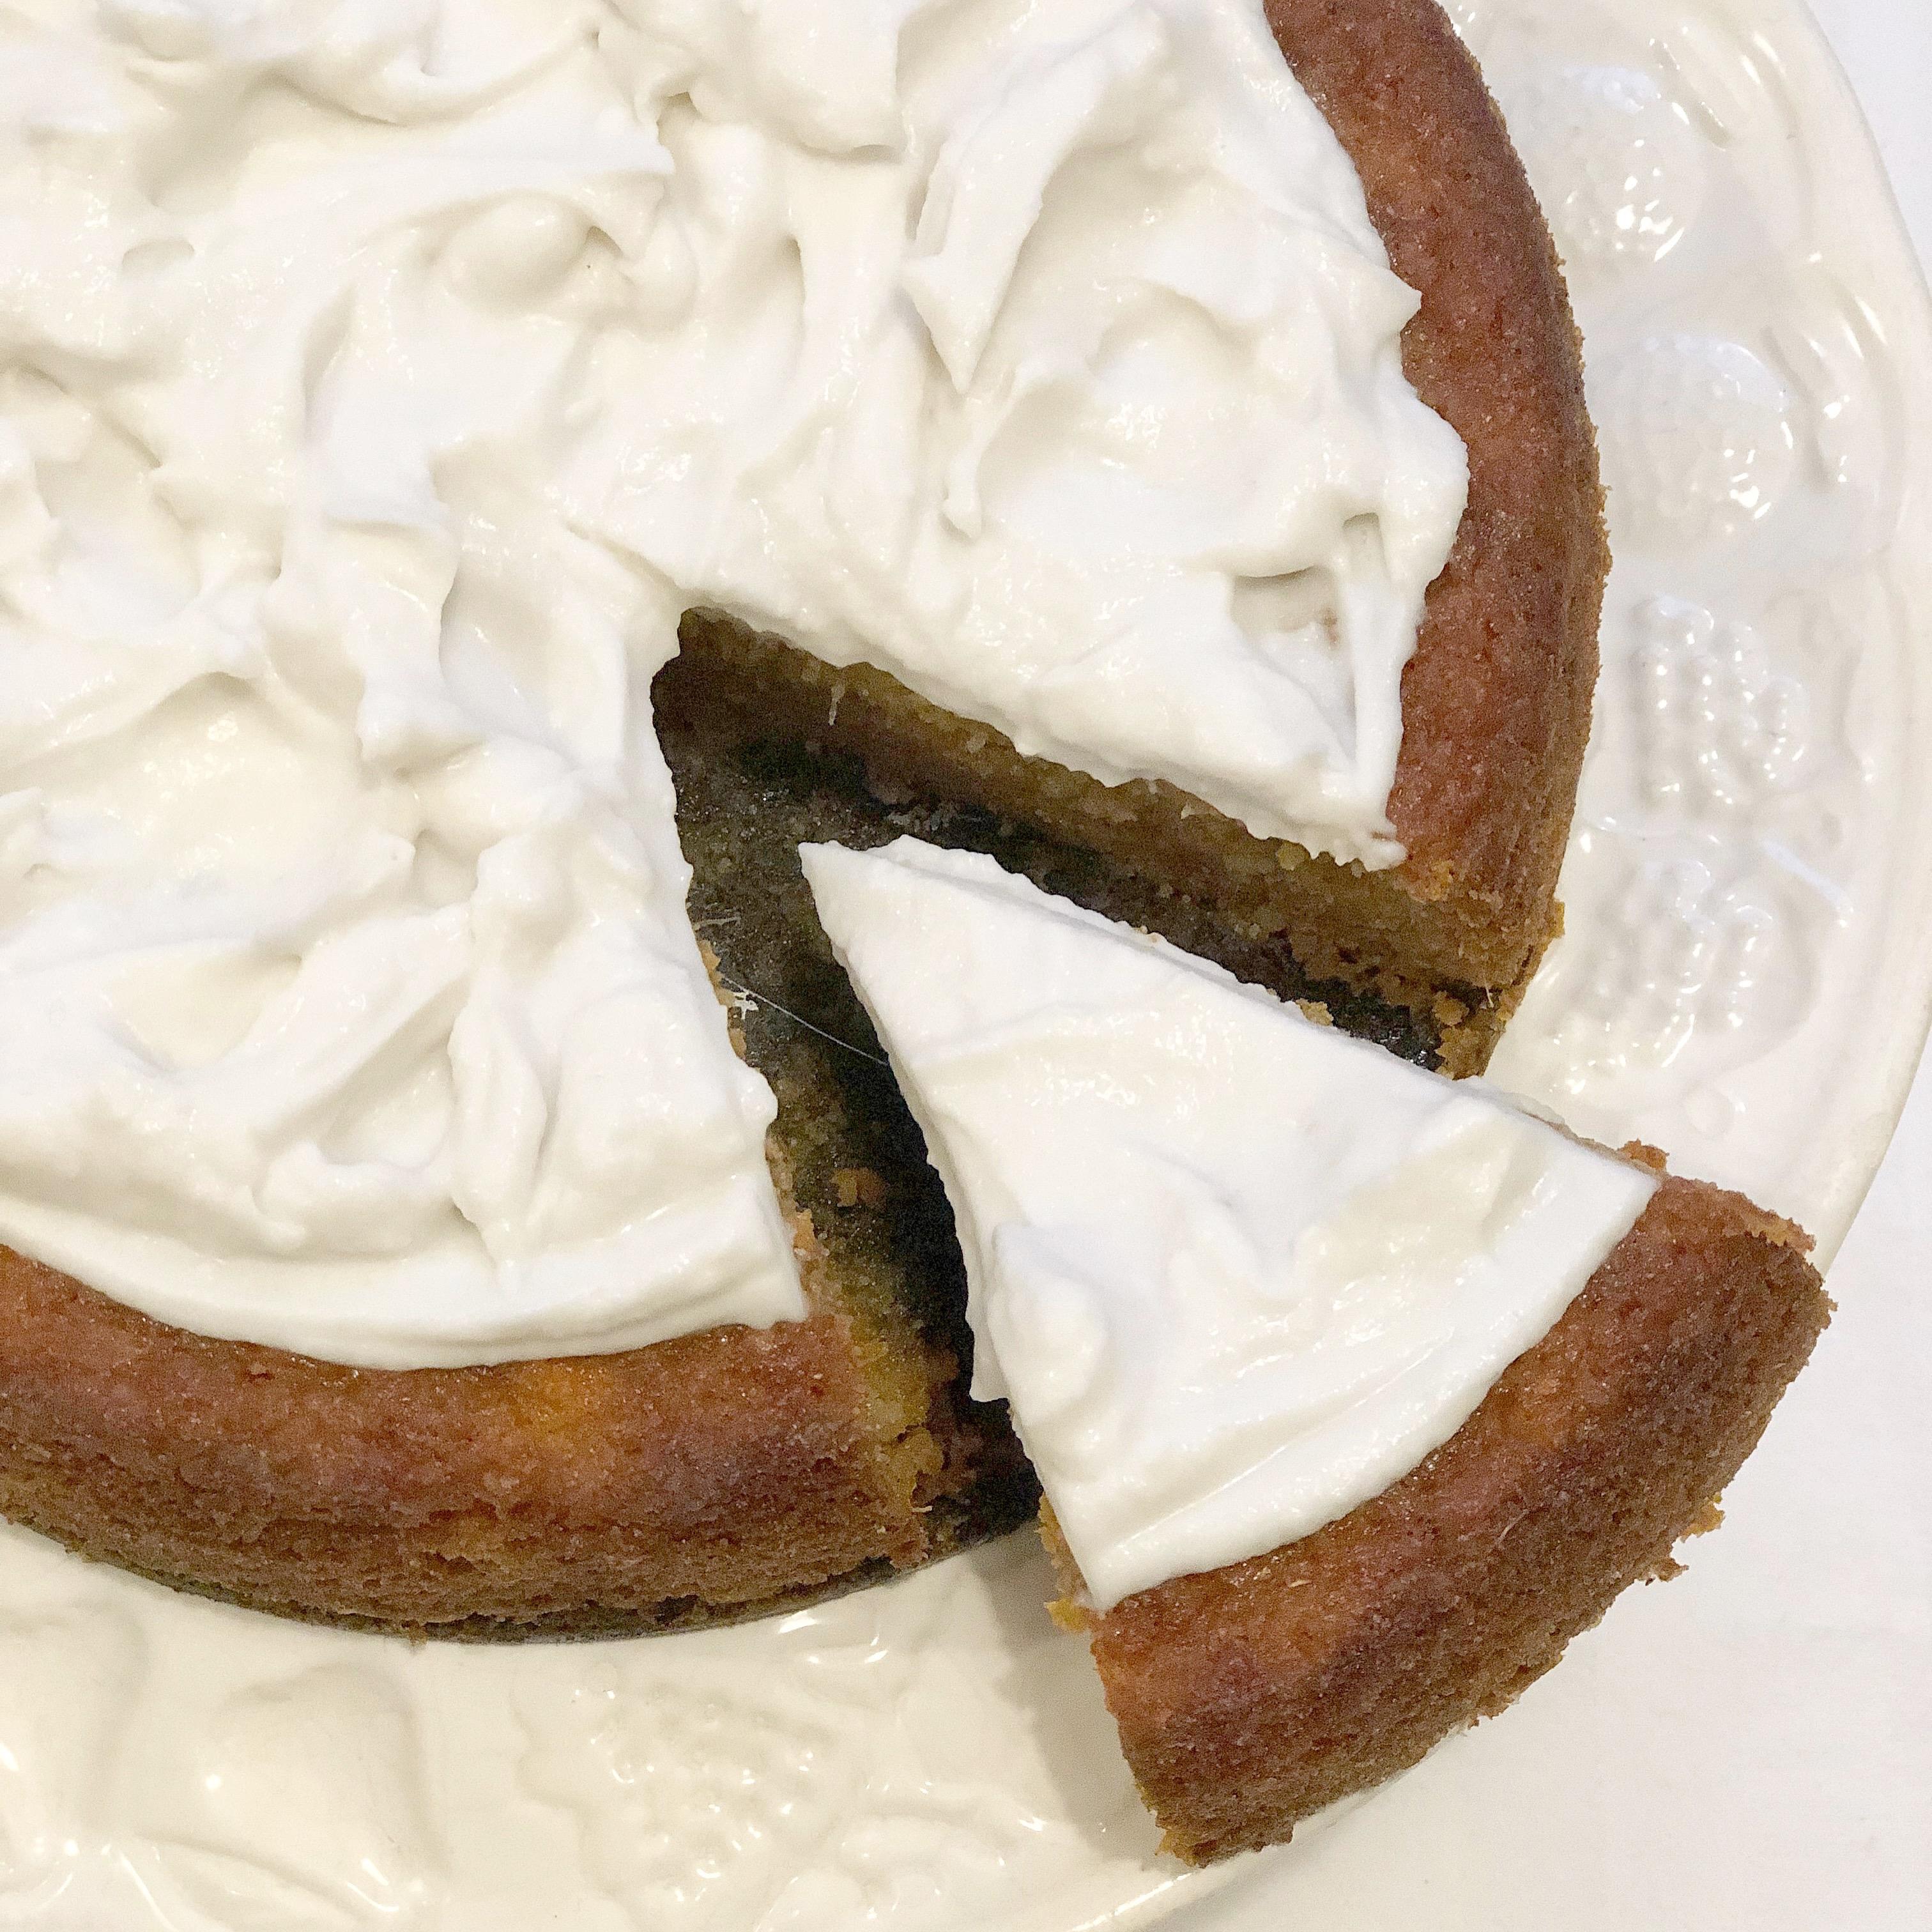 Torta Carote e Cocco Senza Burro, un dolce senza glutine zuccheri e lattosio!